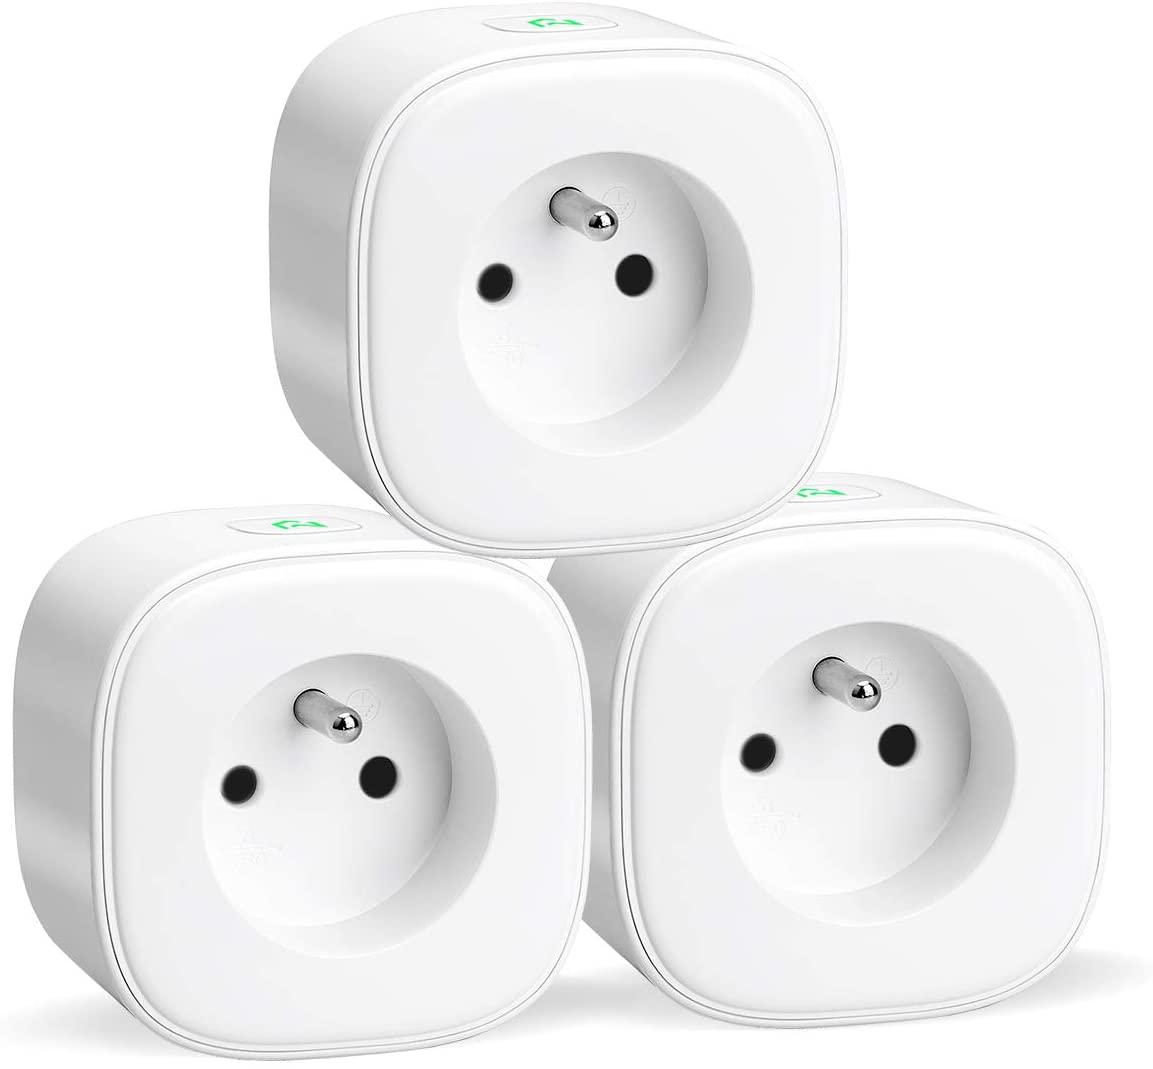 Lot de 3 Prises connectées WiFi Meross 16A (FR) avec Suivi Consommation - Compatibles Alexa, Google Home et SmartThings (Vendeur tiers)